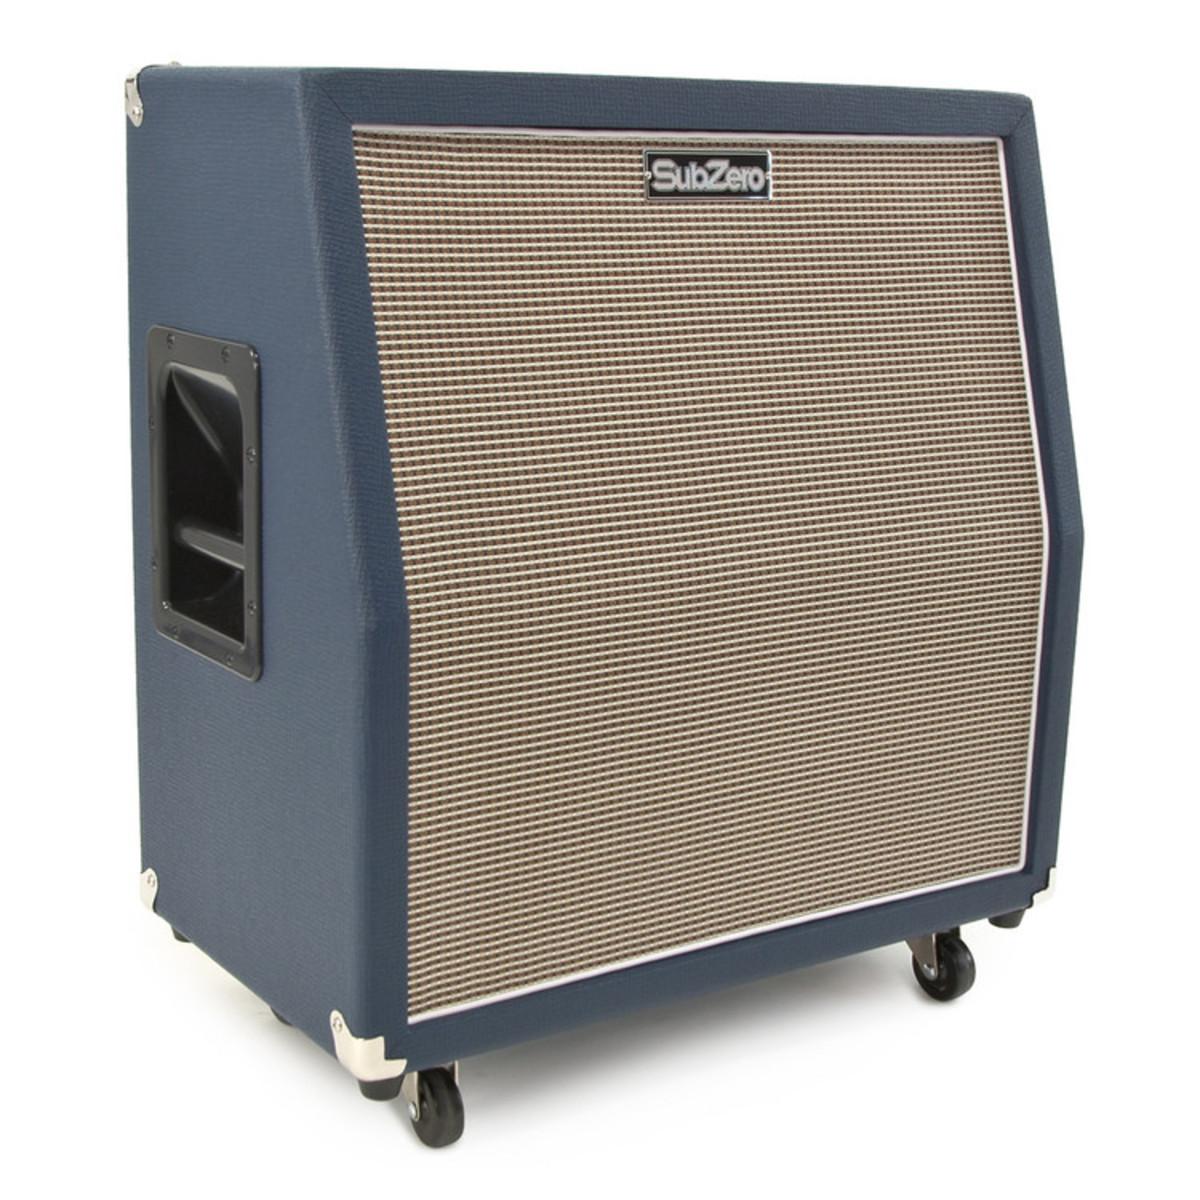 SubZero G410 4 x 10 Celestion Speaker Cabinet - Box Opened